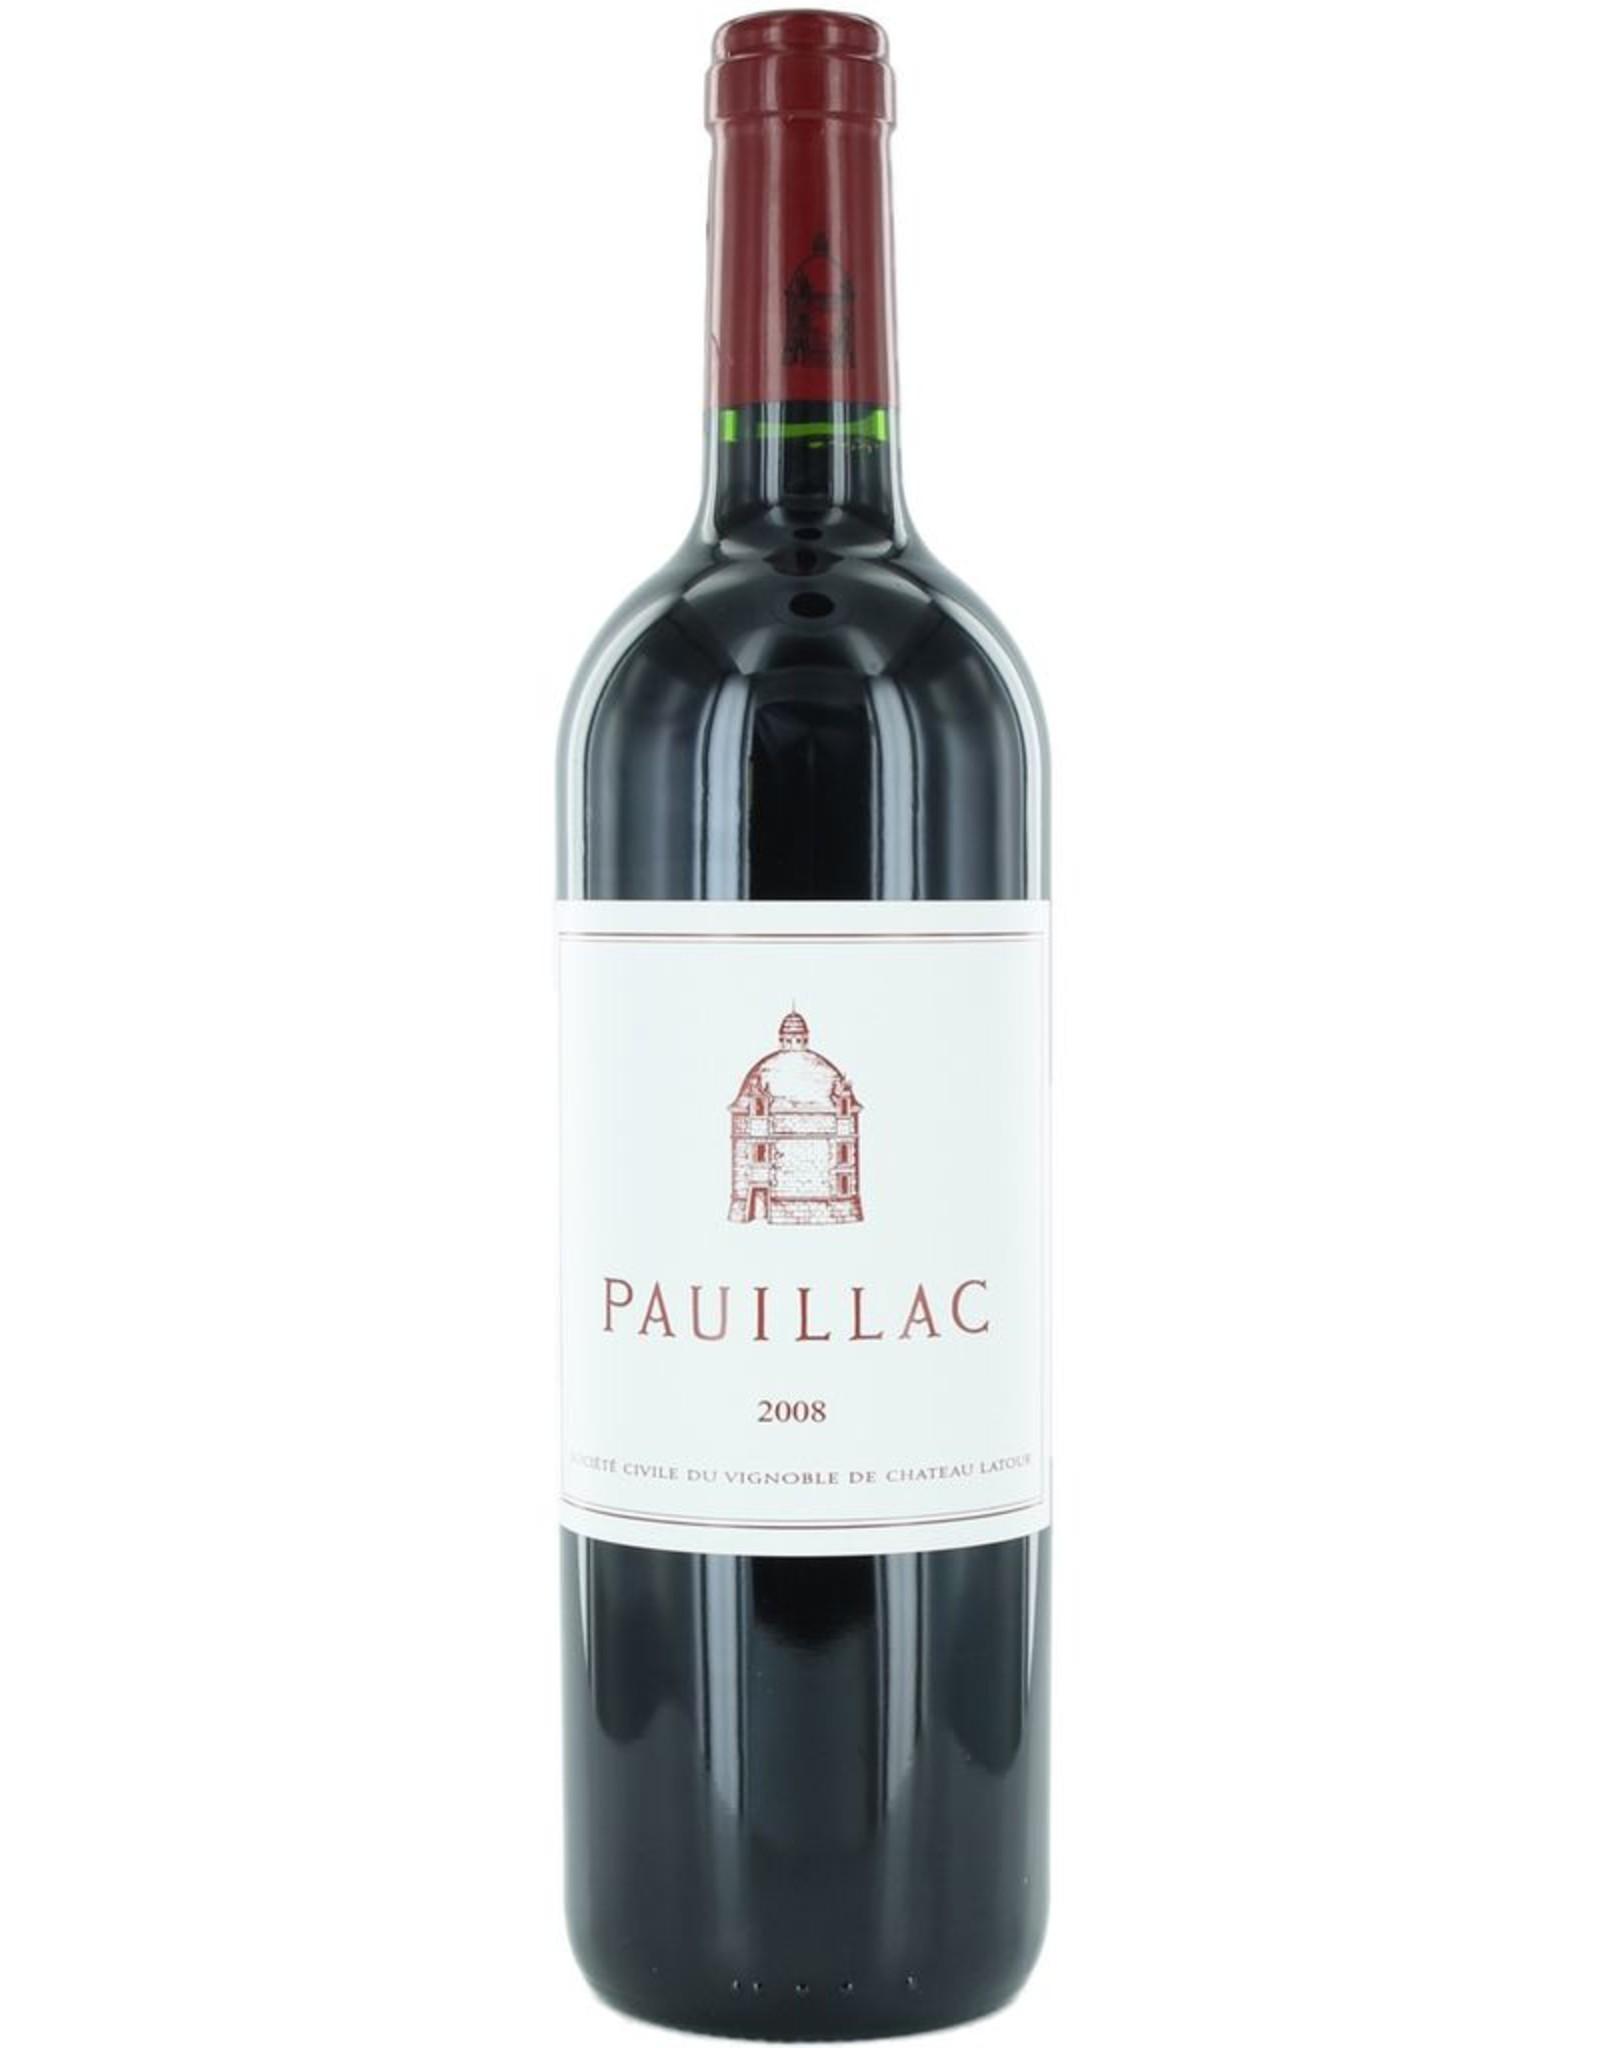 Red Wine 2008, Pauillac de Latour 1st Growth 3rd Grand Cru, Red Bordeaux Blend, Pauillac, Bordeaux, France, 14% Alc, CT91